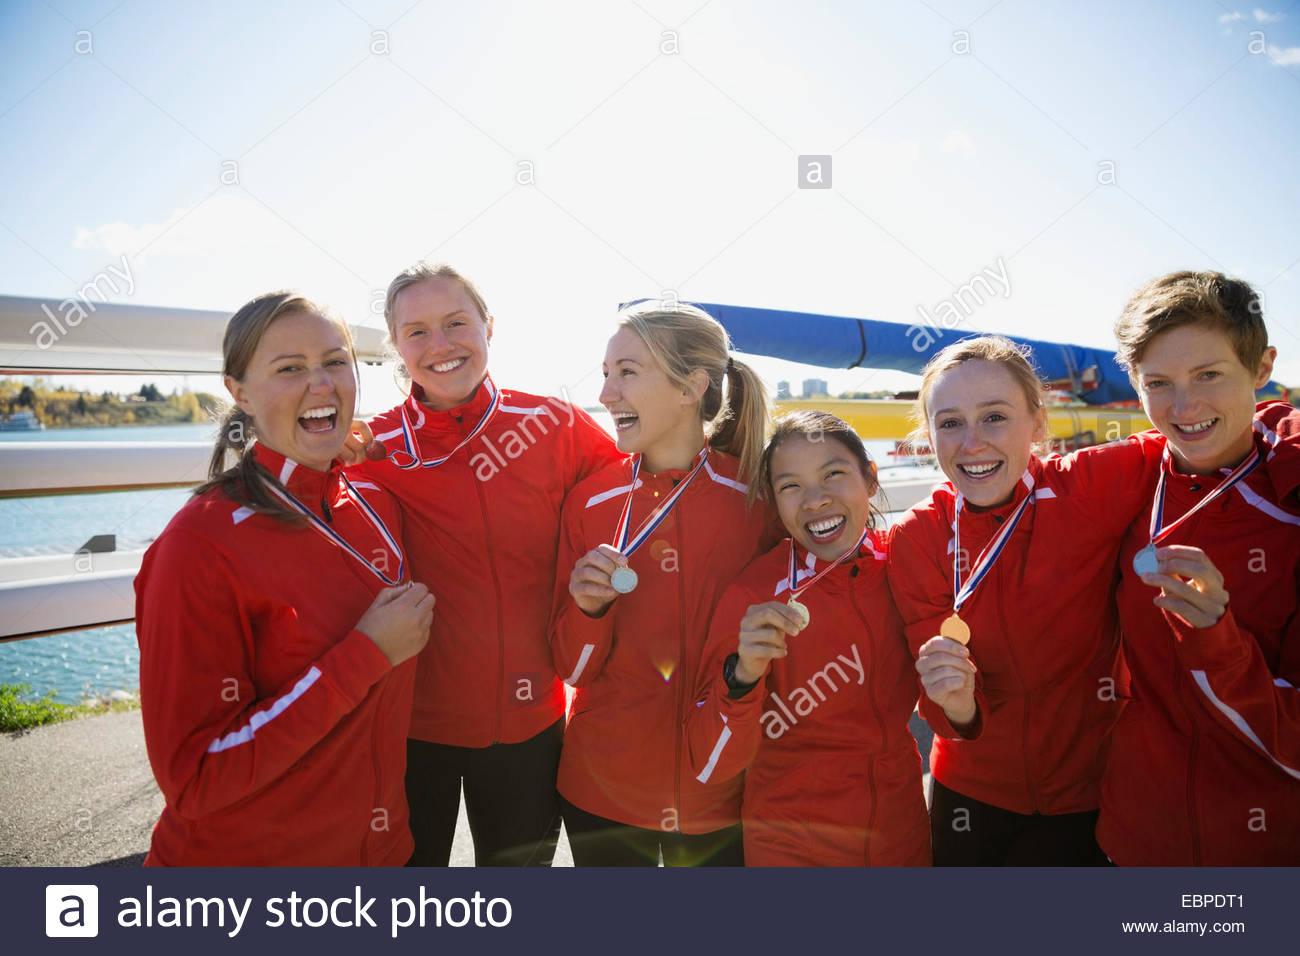 Retrato del equipo de remo con medallas celebrando Imagen De Stock